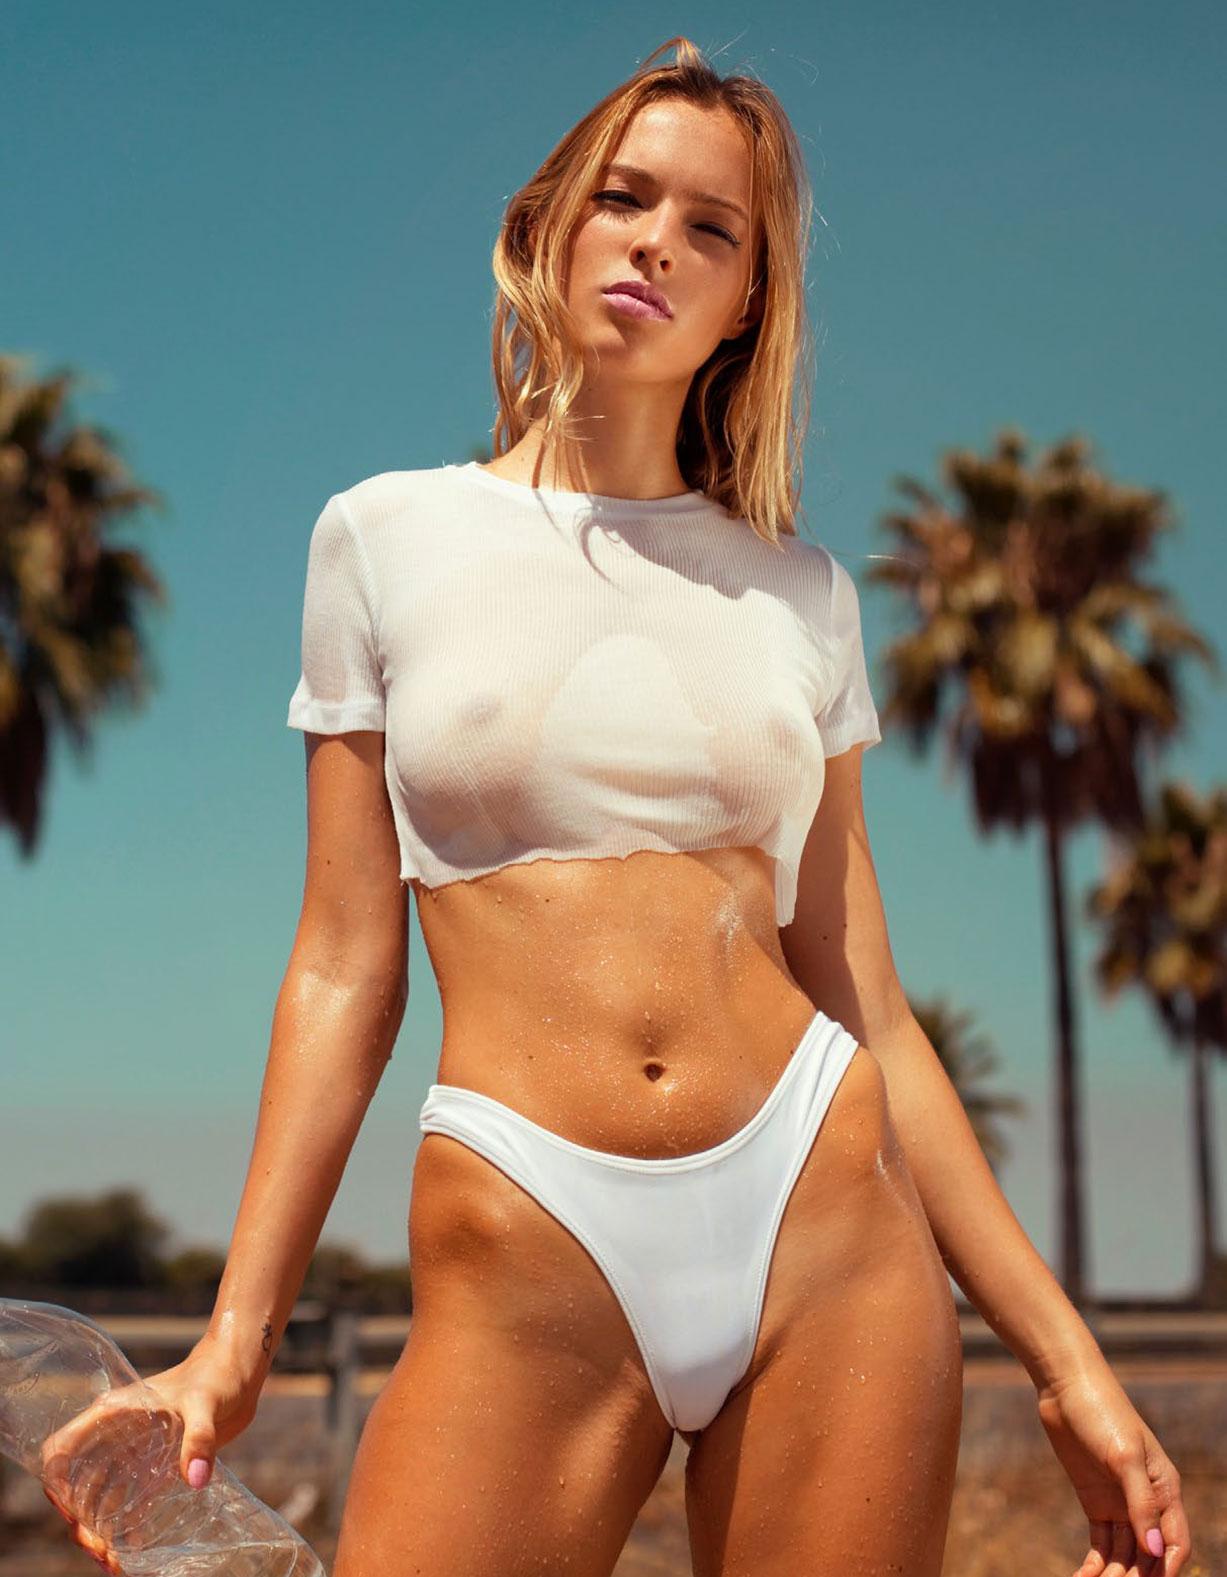 Хеллида Кавалларо в спецвыпуске журнала Playboy -Девушки летом- / фото 01